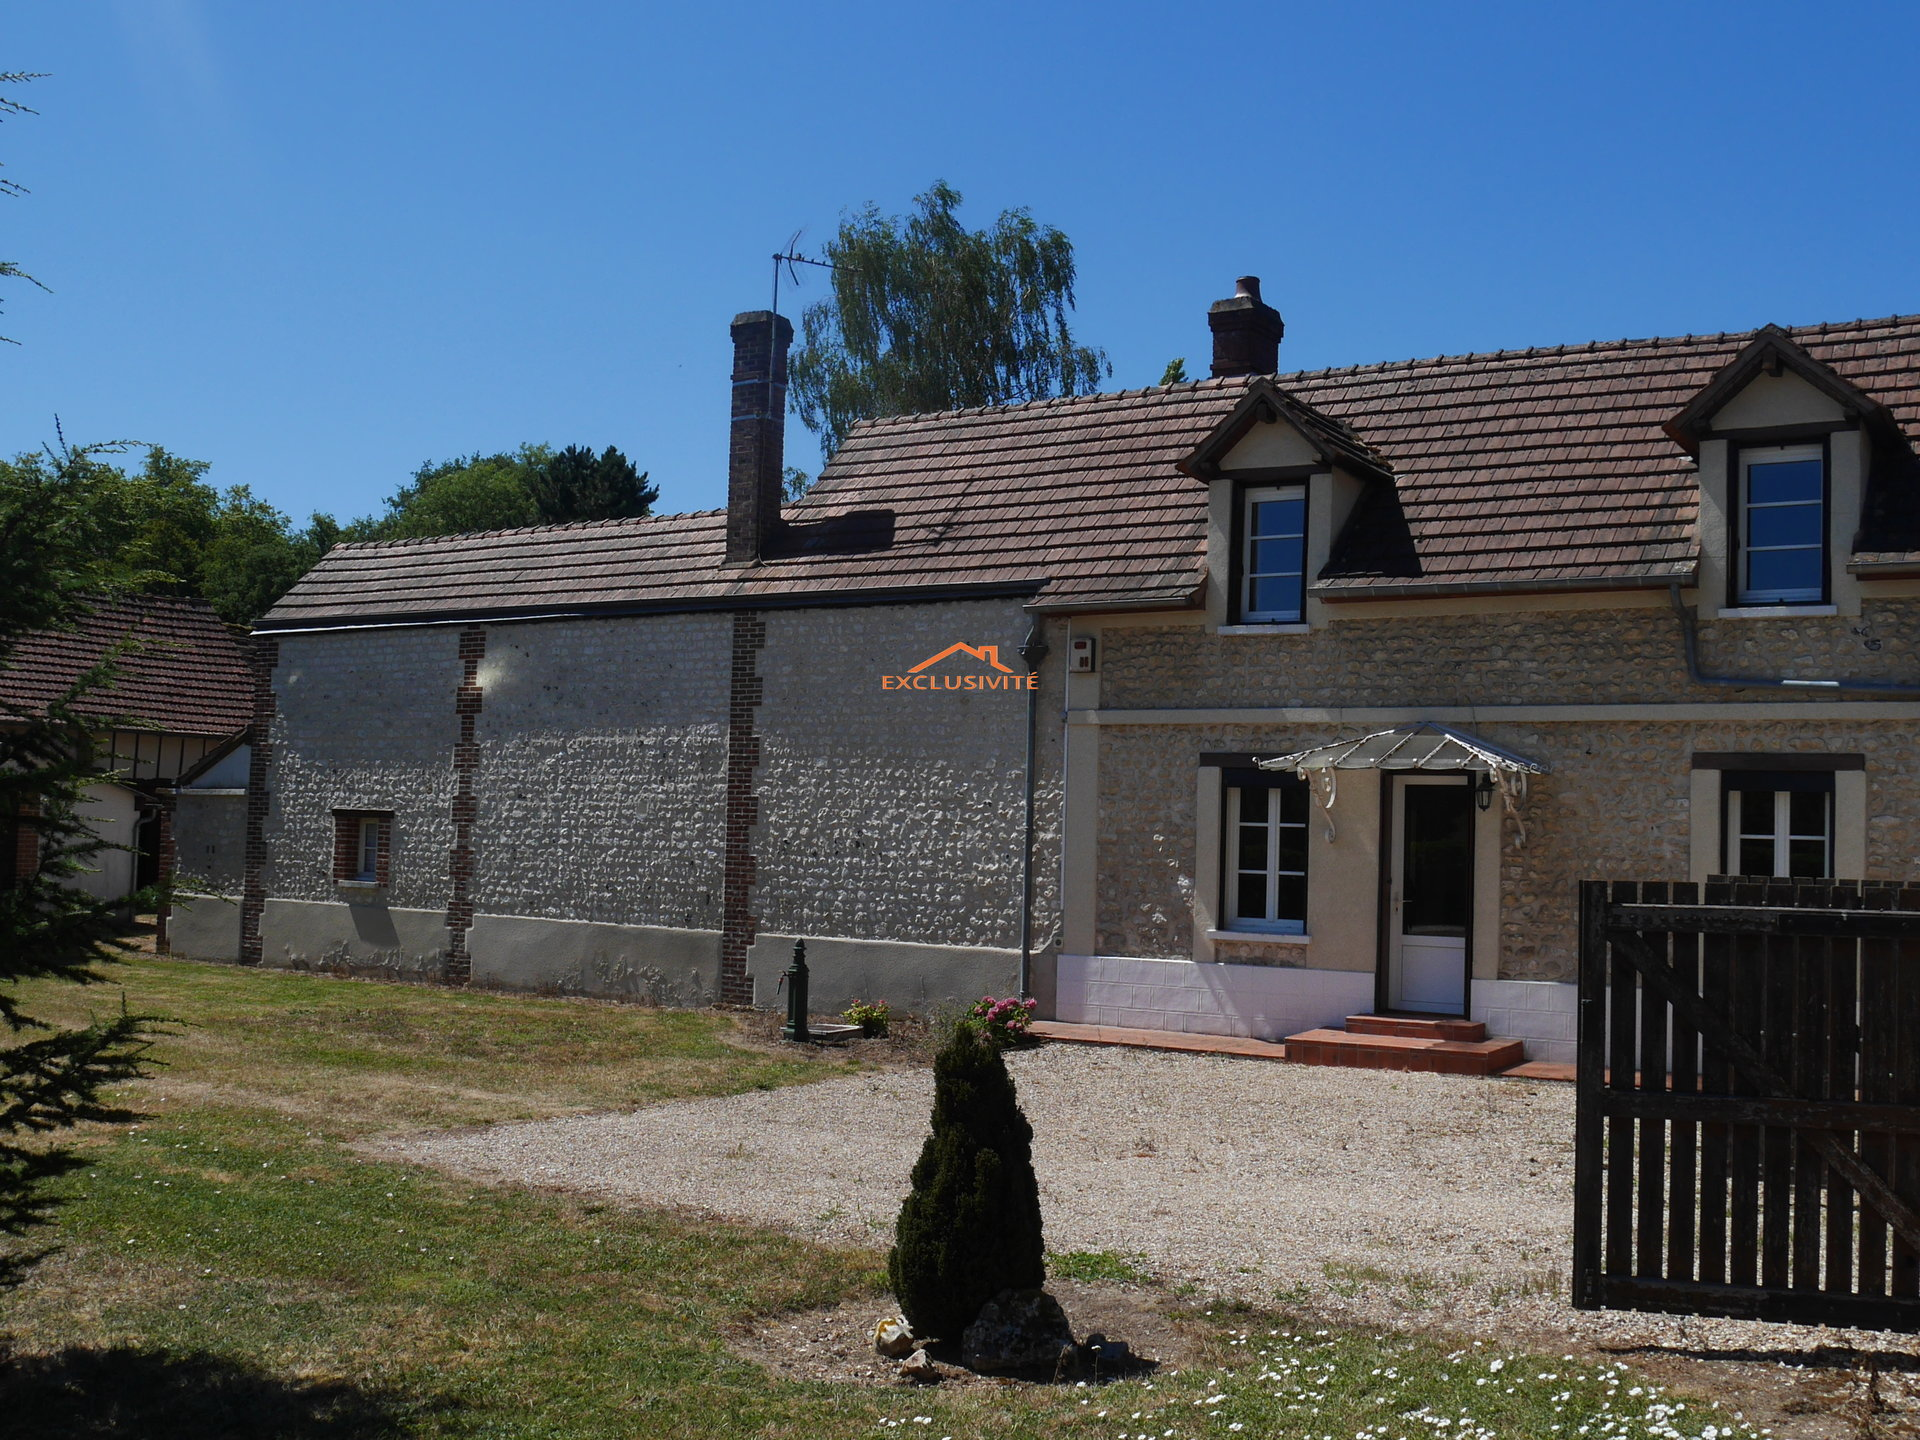 EXCLUSIVITE - VALLEE D'ITON - Village avec écoles